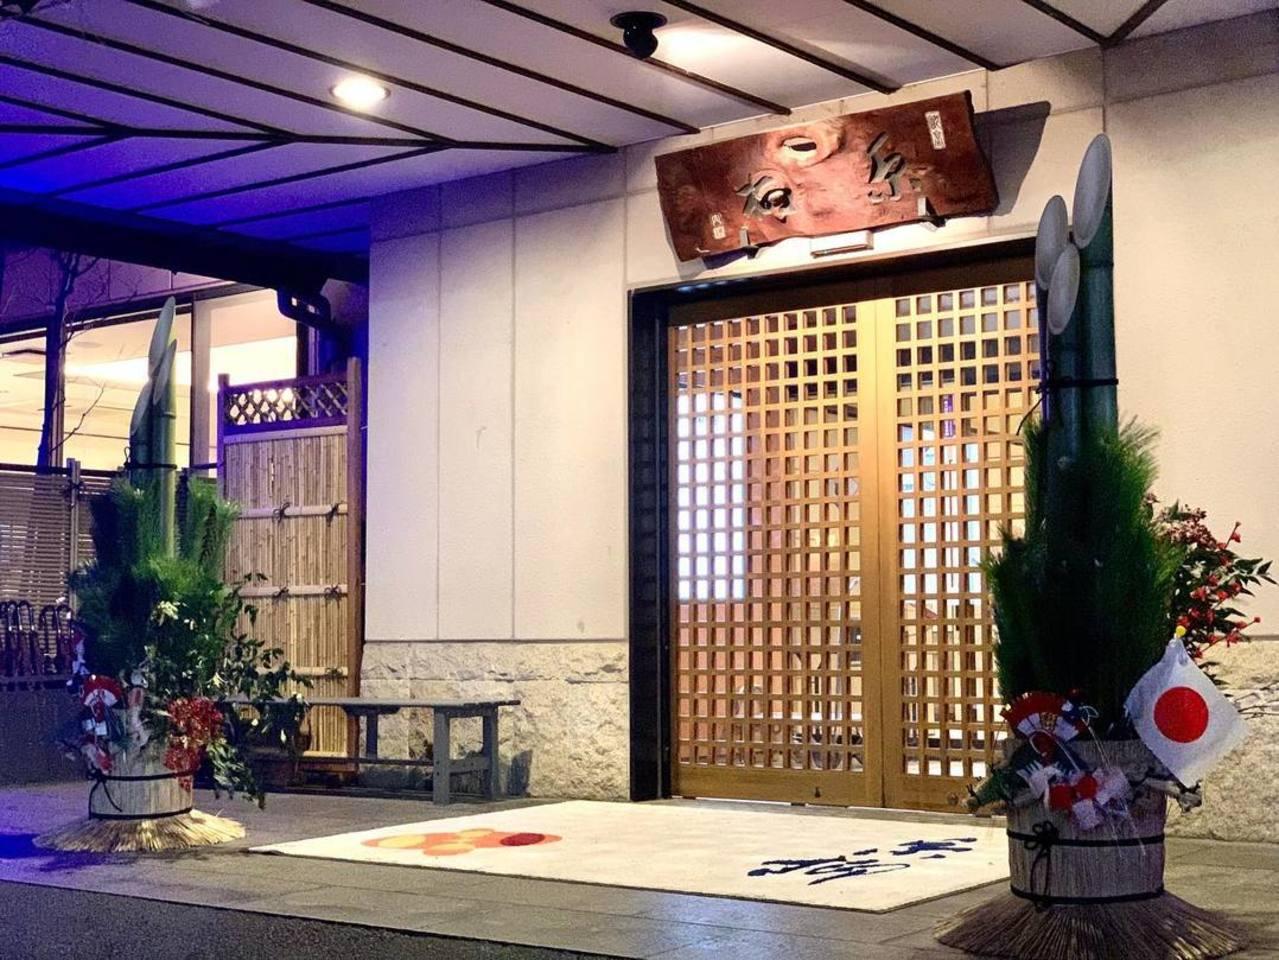 山梨県笛吹市の老舗旅館『石和名湯館 糸柳』